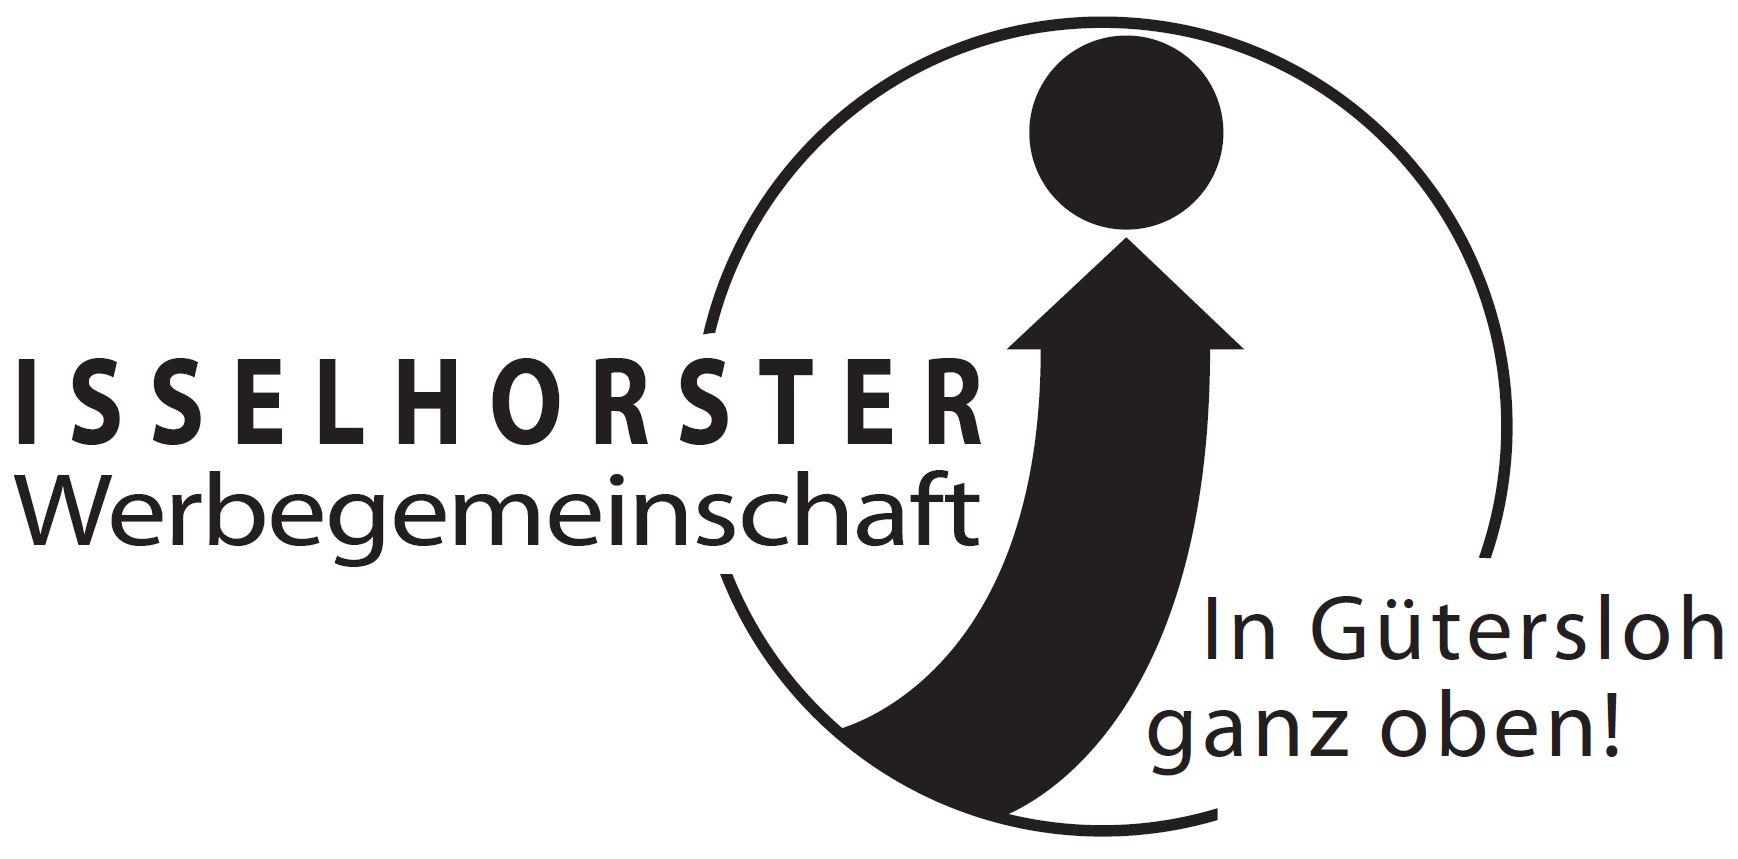 Isselhorster Werbegemeinschaft